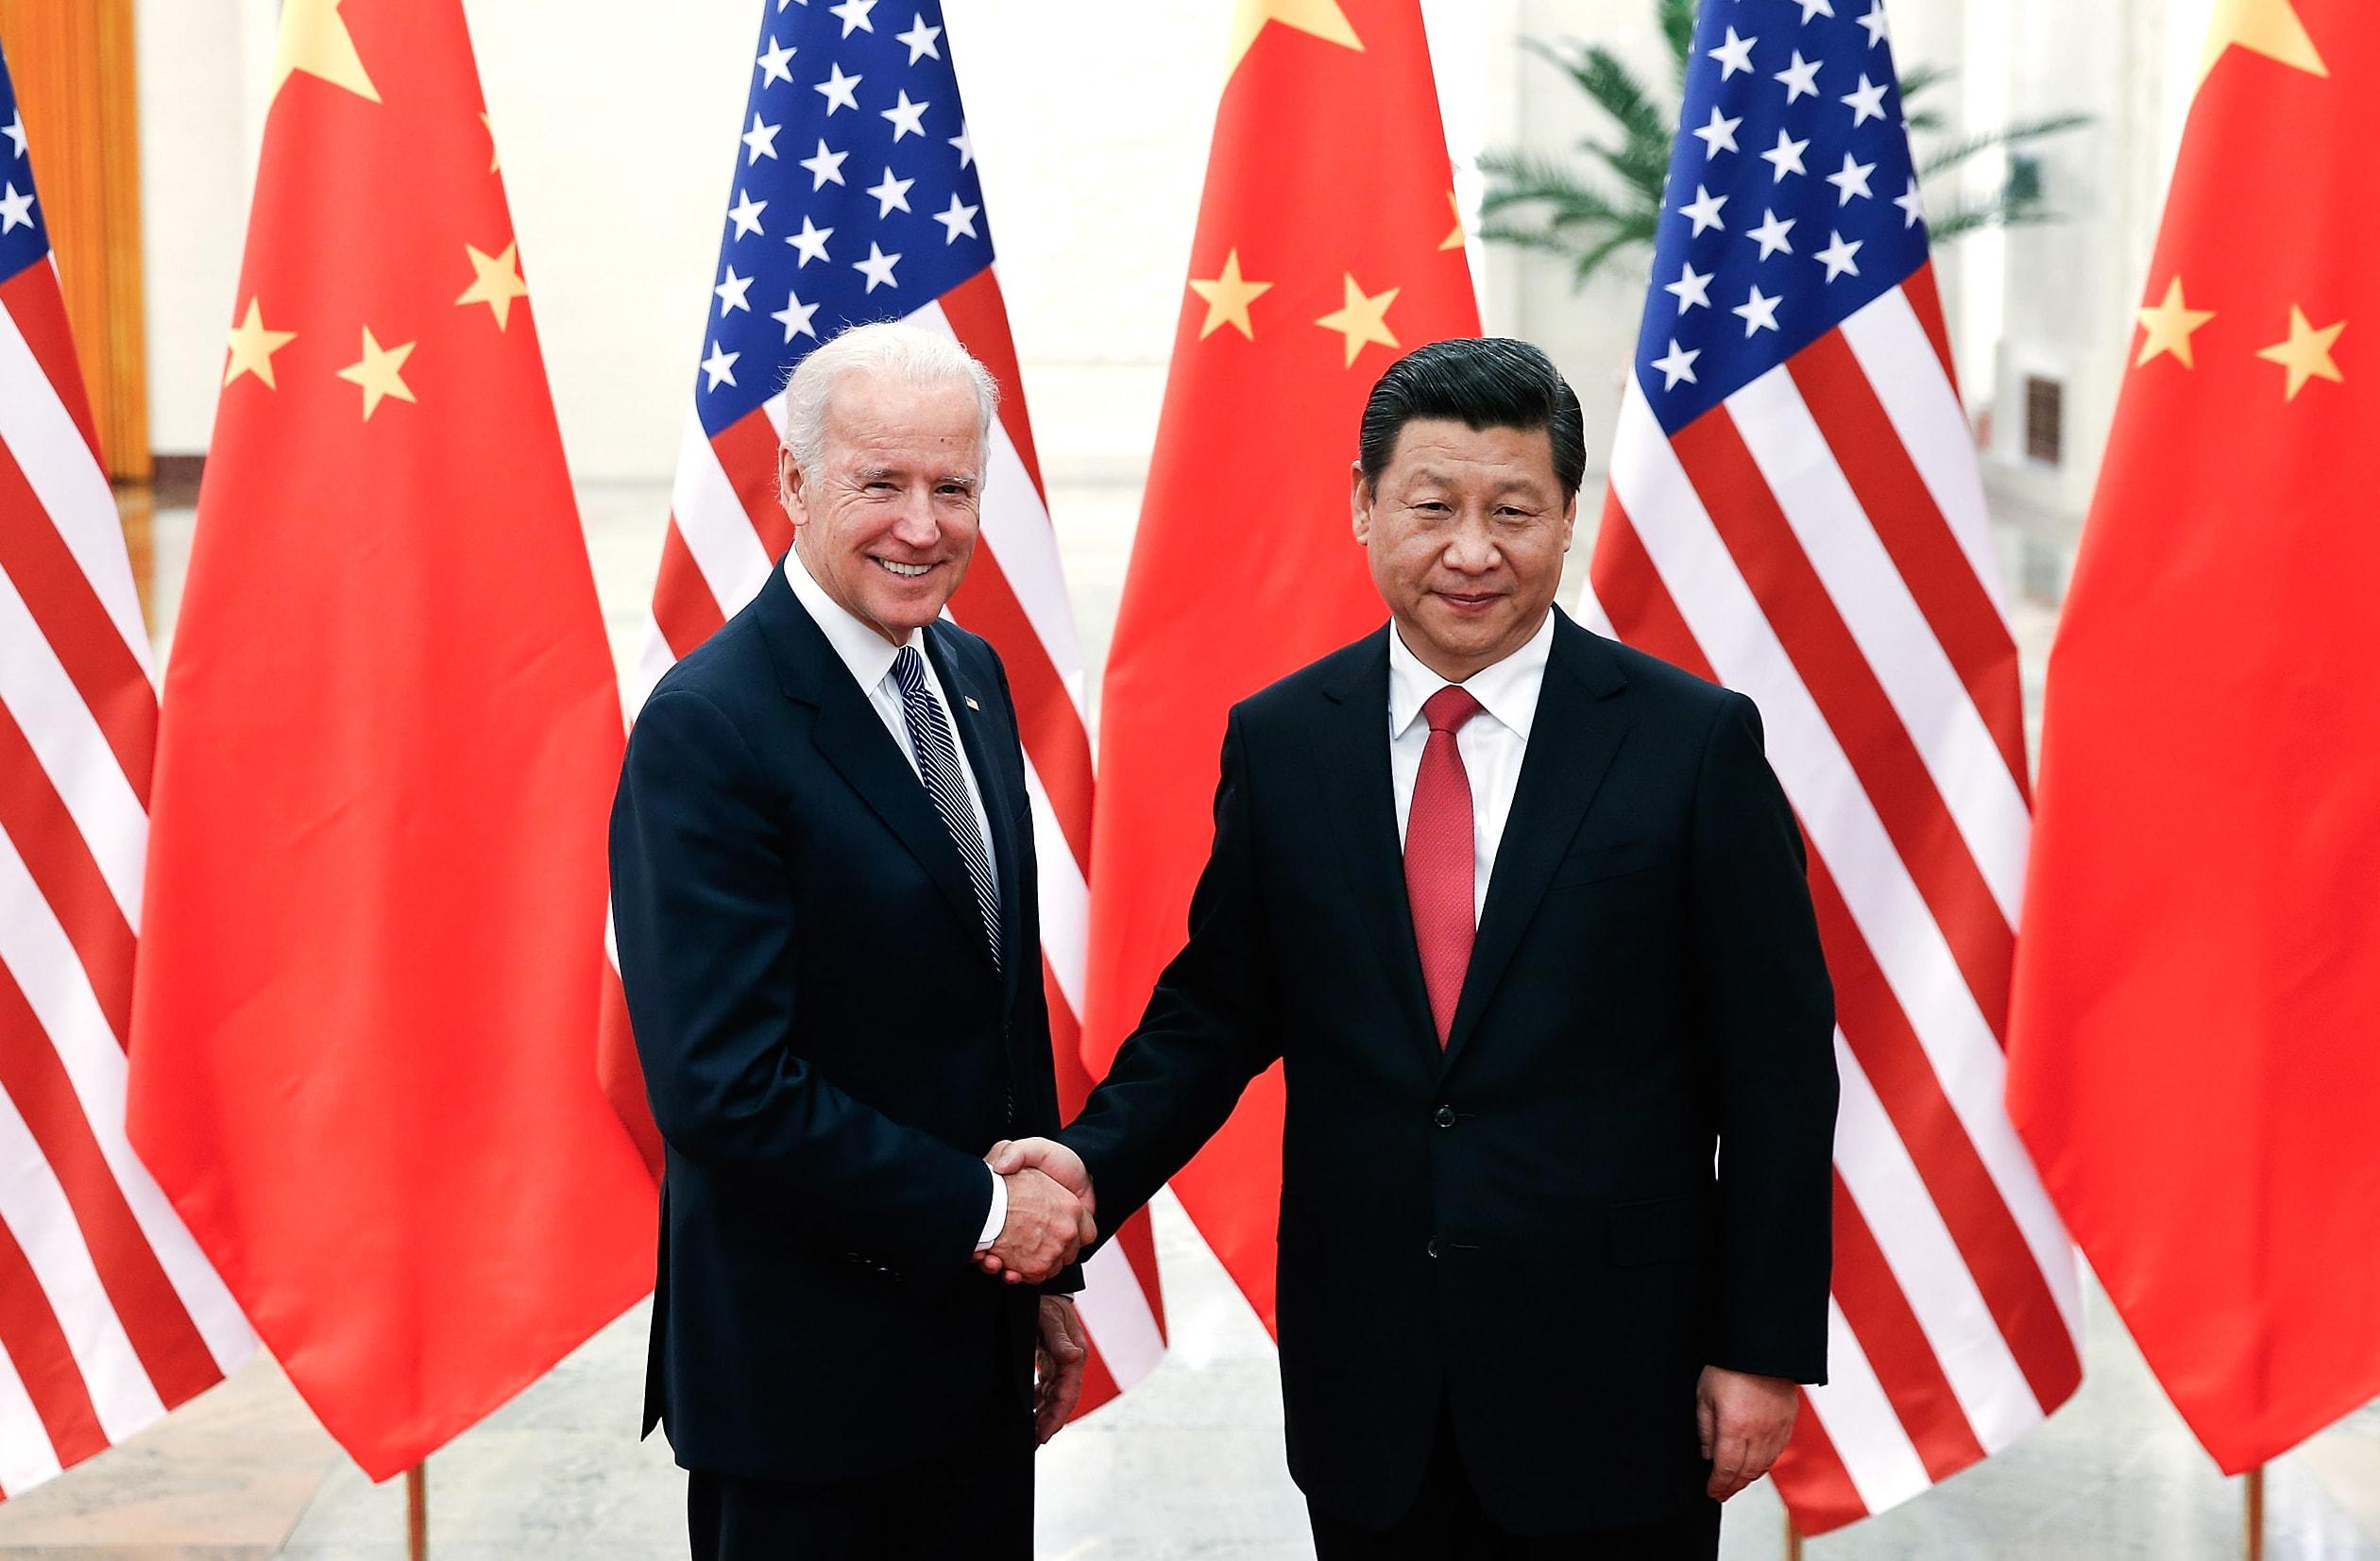 Joe Biden, lorsqu'il était vice-président de Barack Obama, avec le président chinois Xi Jinping, à Pékin le 4 décembre 2013. (Source : CNBC)